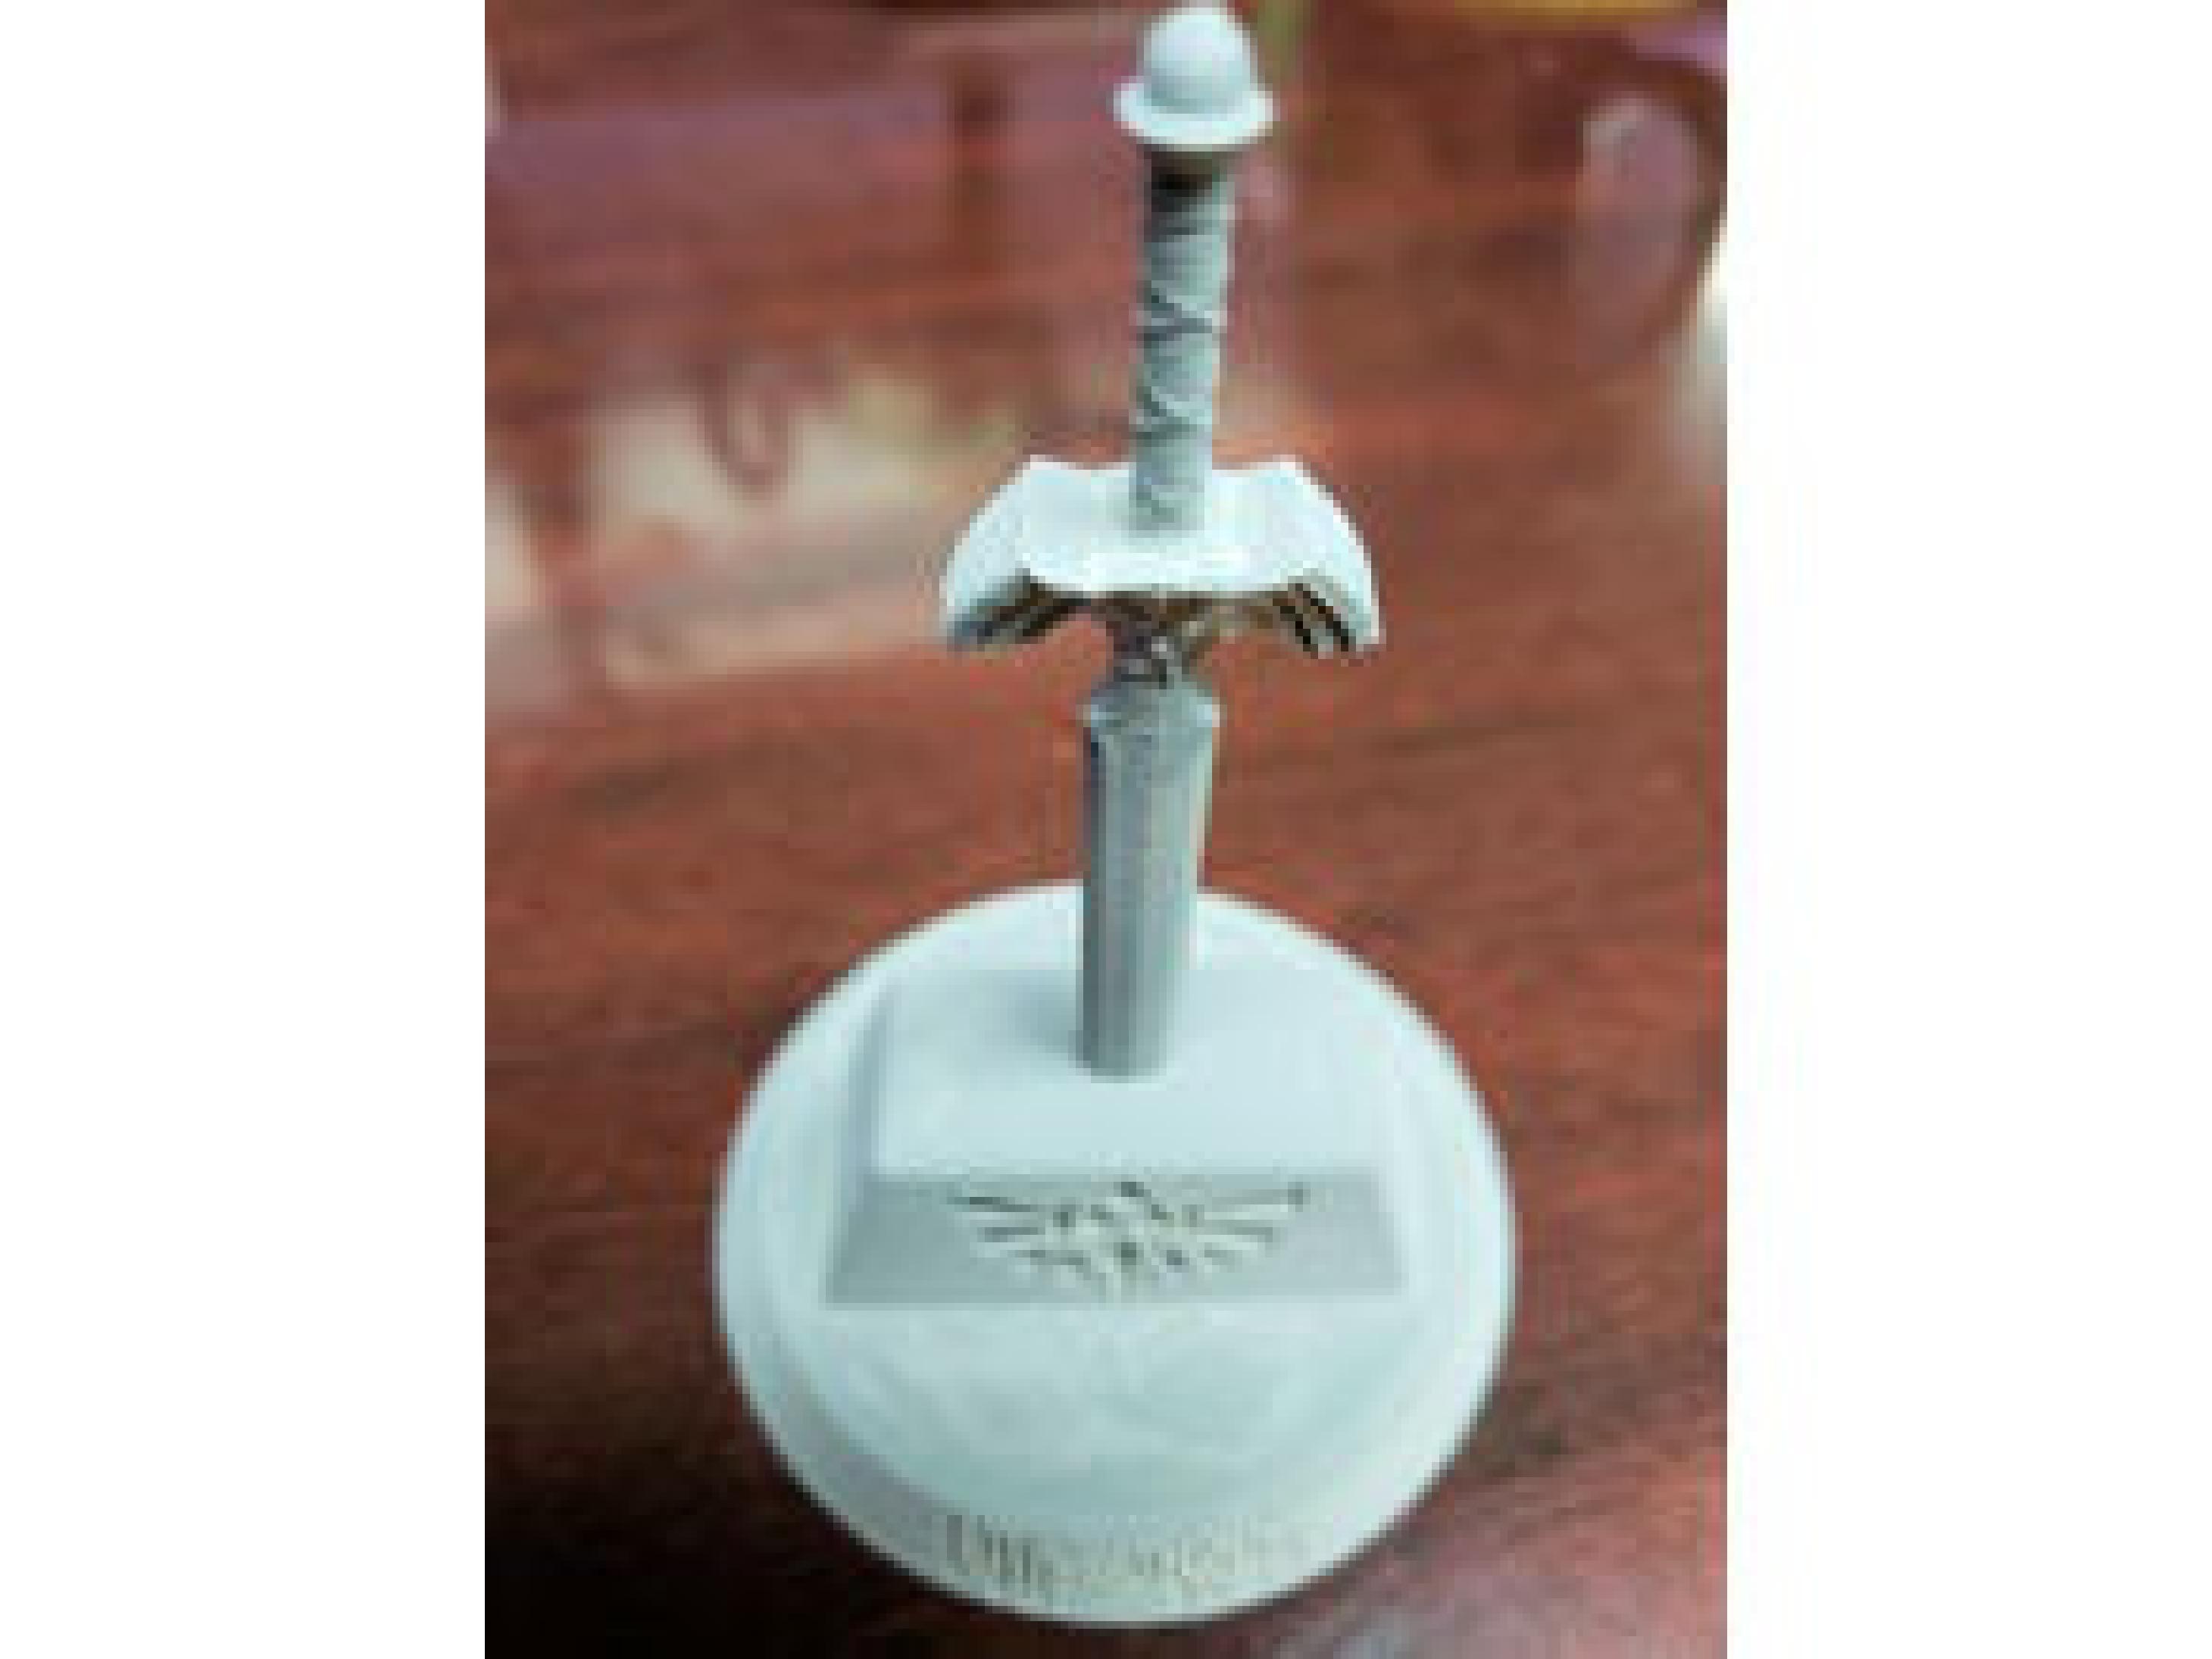 Usta Kılıç (Zelda) Biblo Dekoratif Hediyelik Süs Eşyası Maket